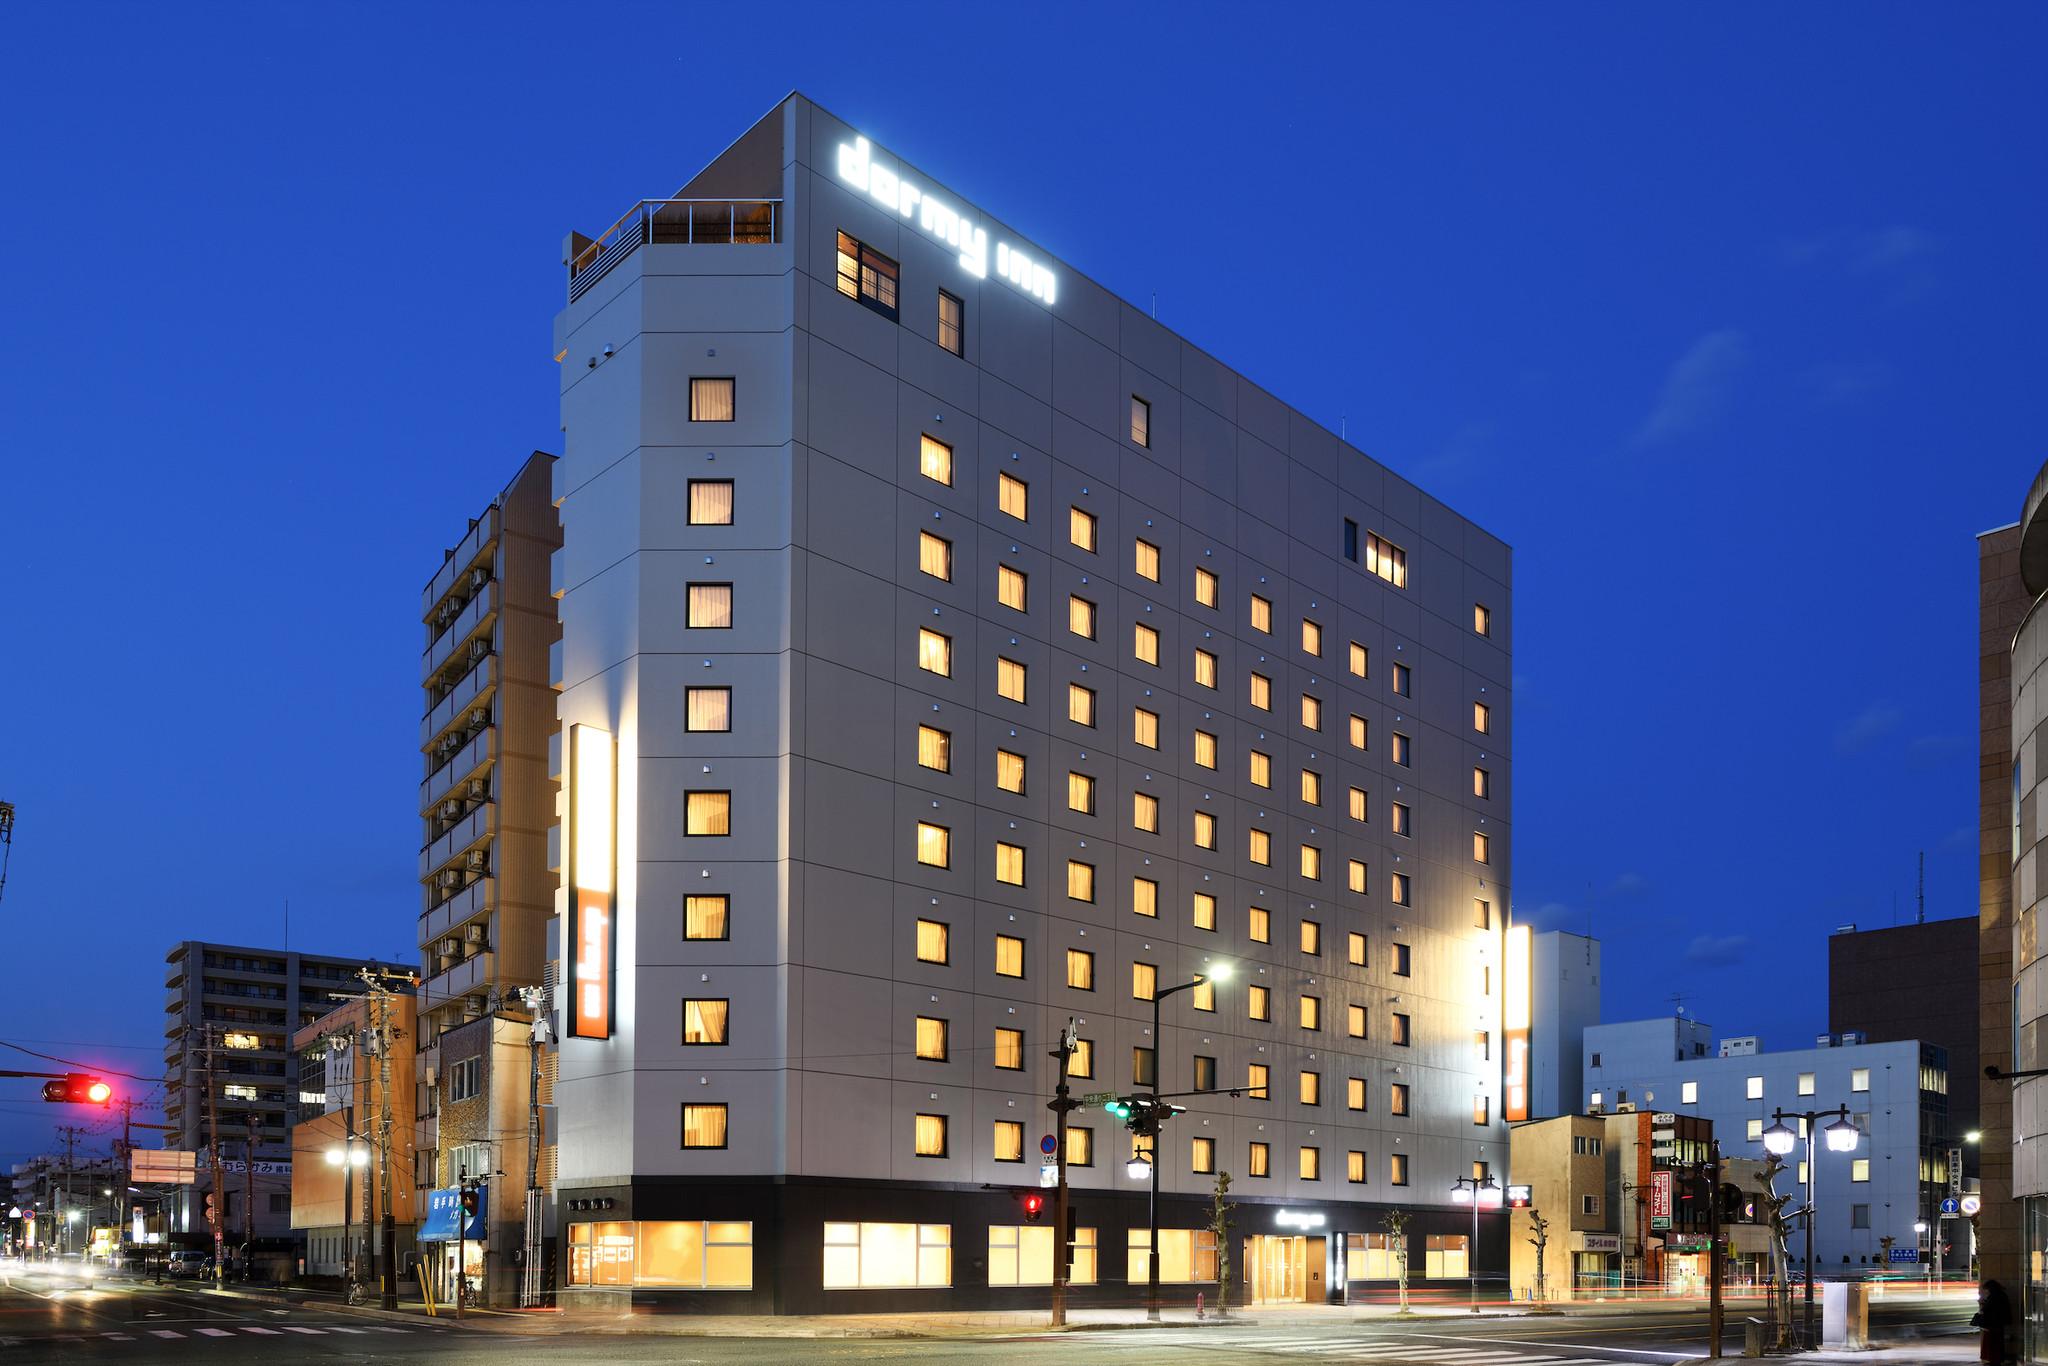 ドーミーインの国内81棟目が、盛岡にオープン。